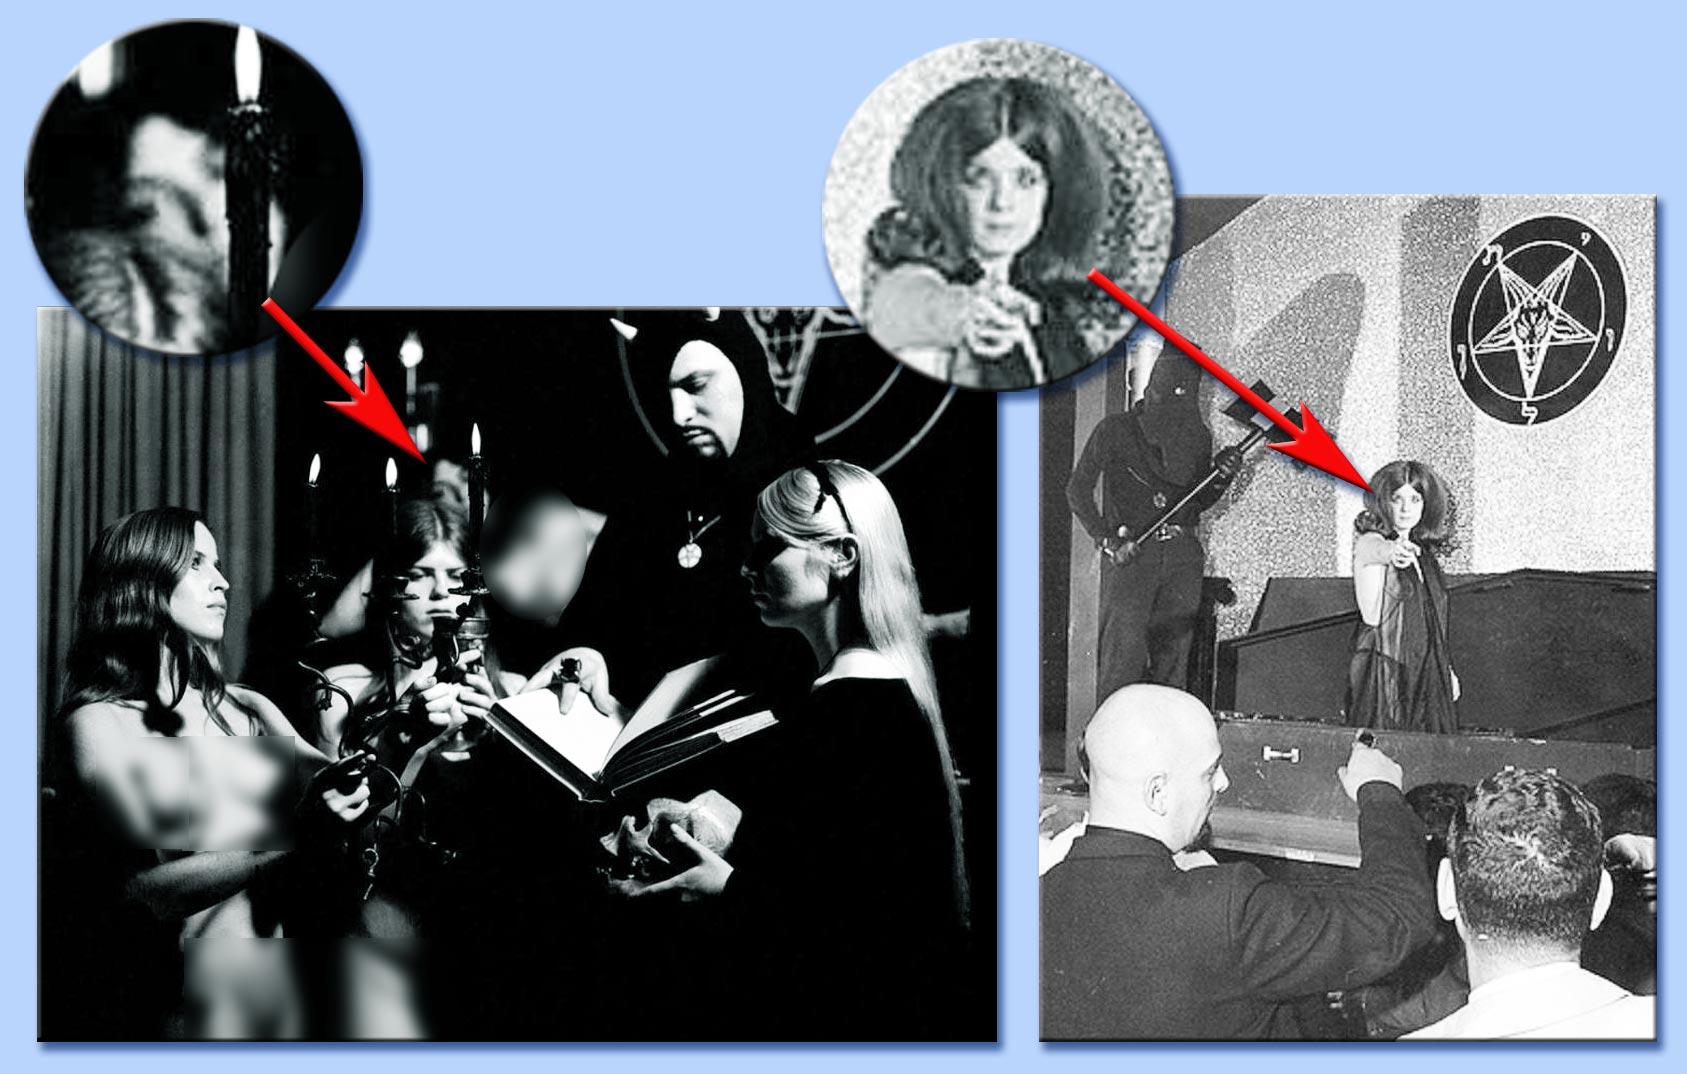 http://www.centrosangiorgio.com/occultismo/immagini/susan_atkins_church_of_satan.jpg